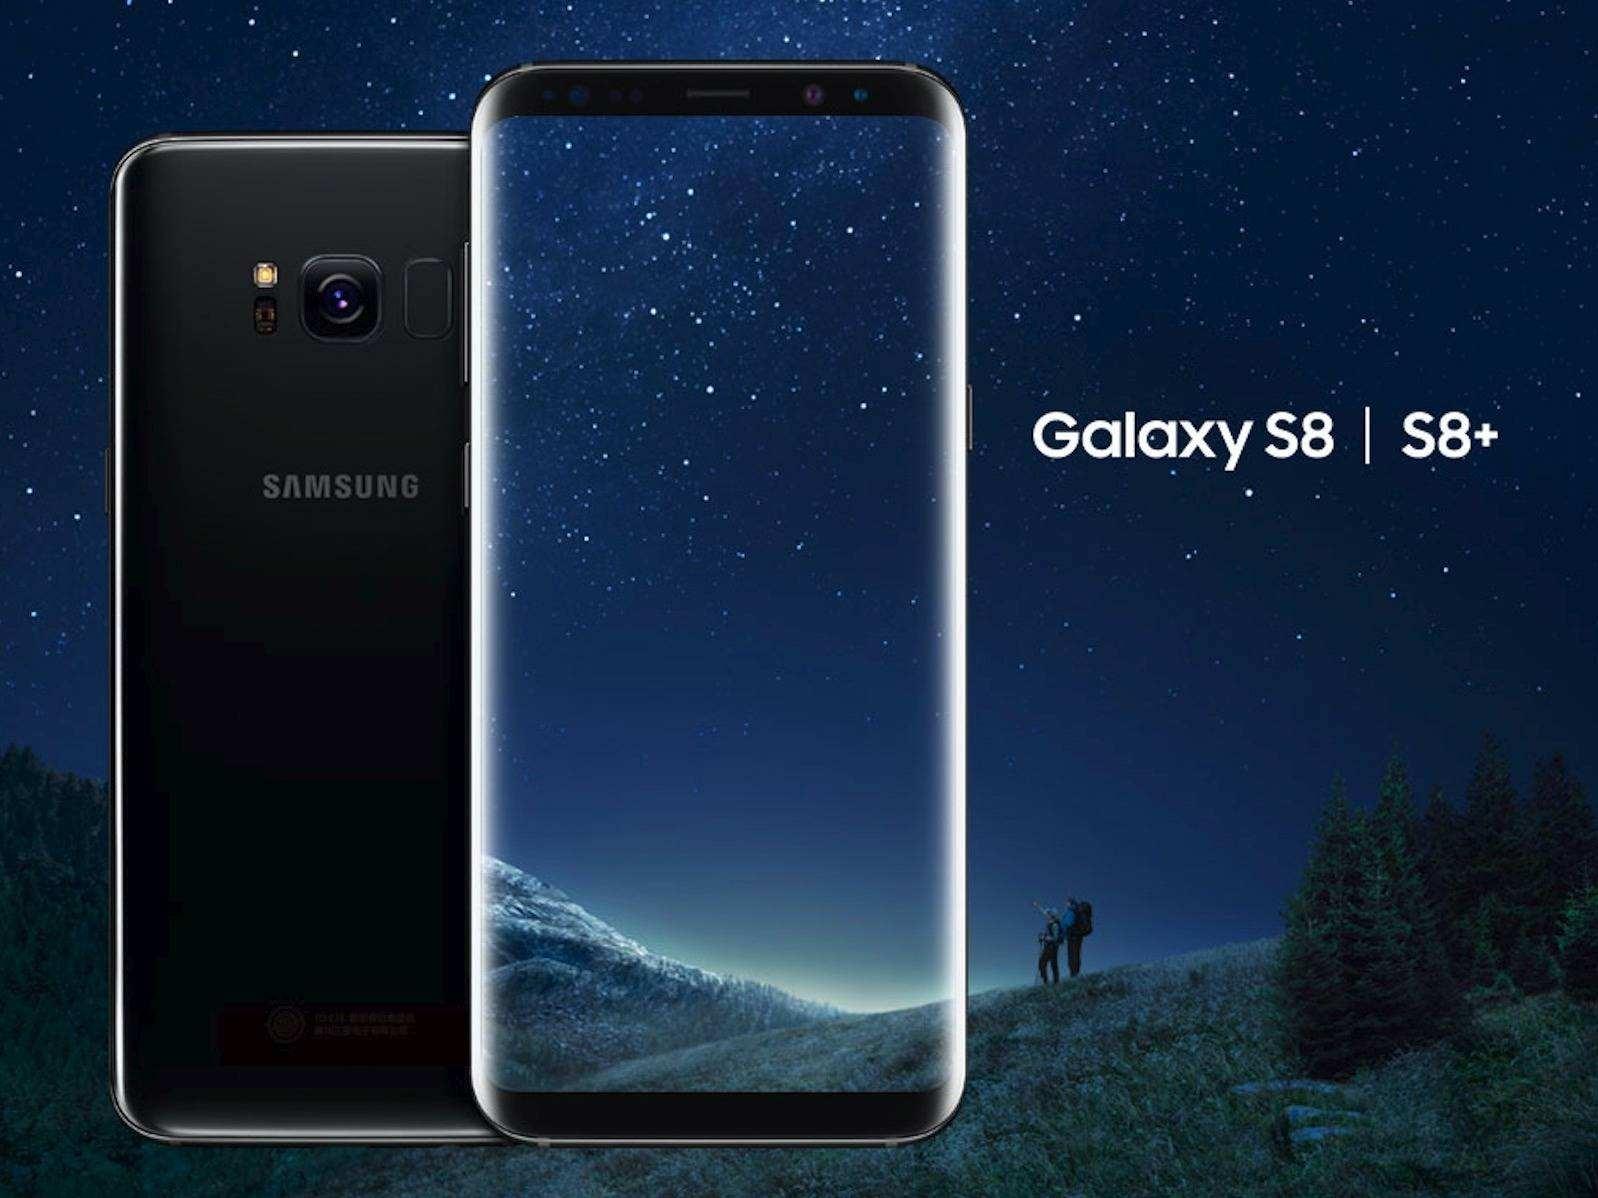 三星S8/S8+什么时候上市?有什么独有功能?